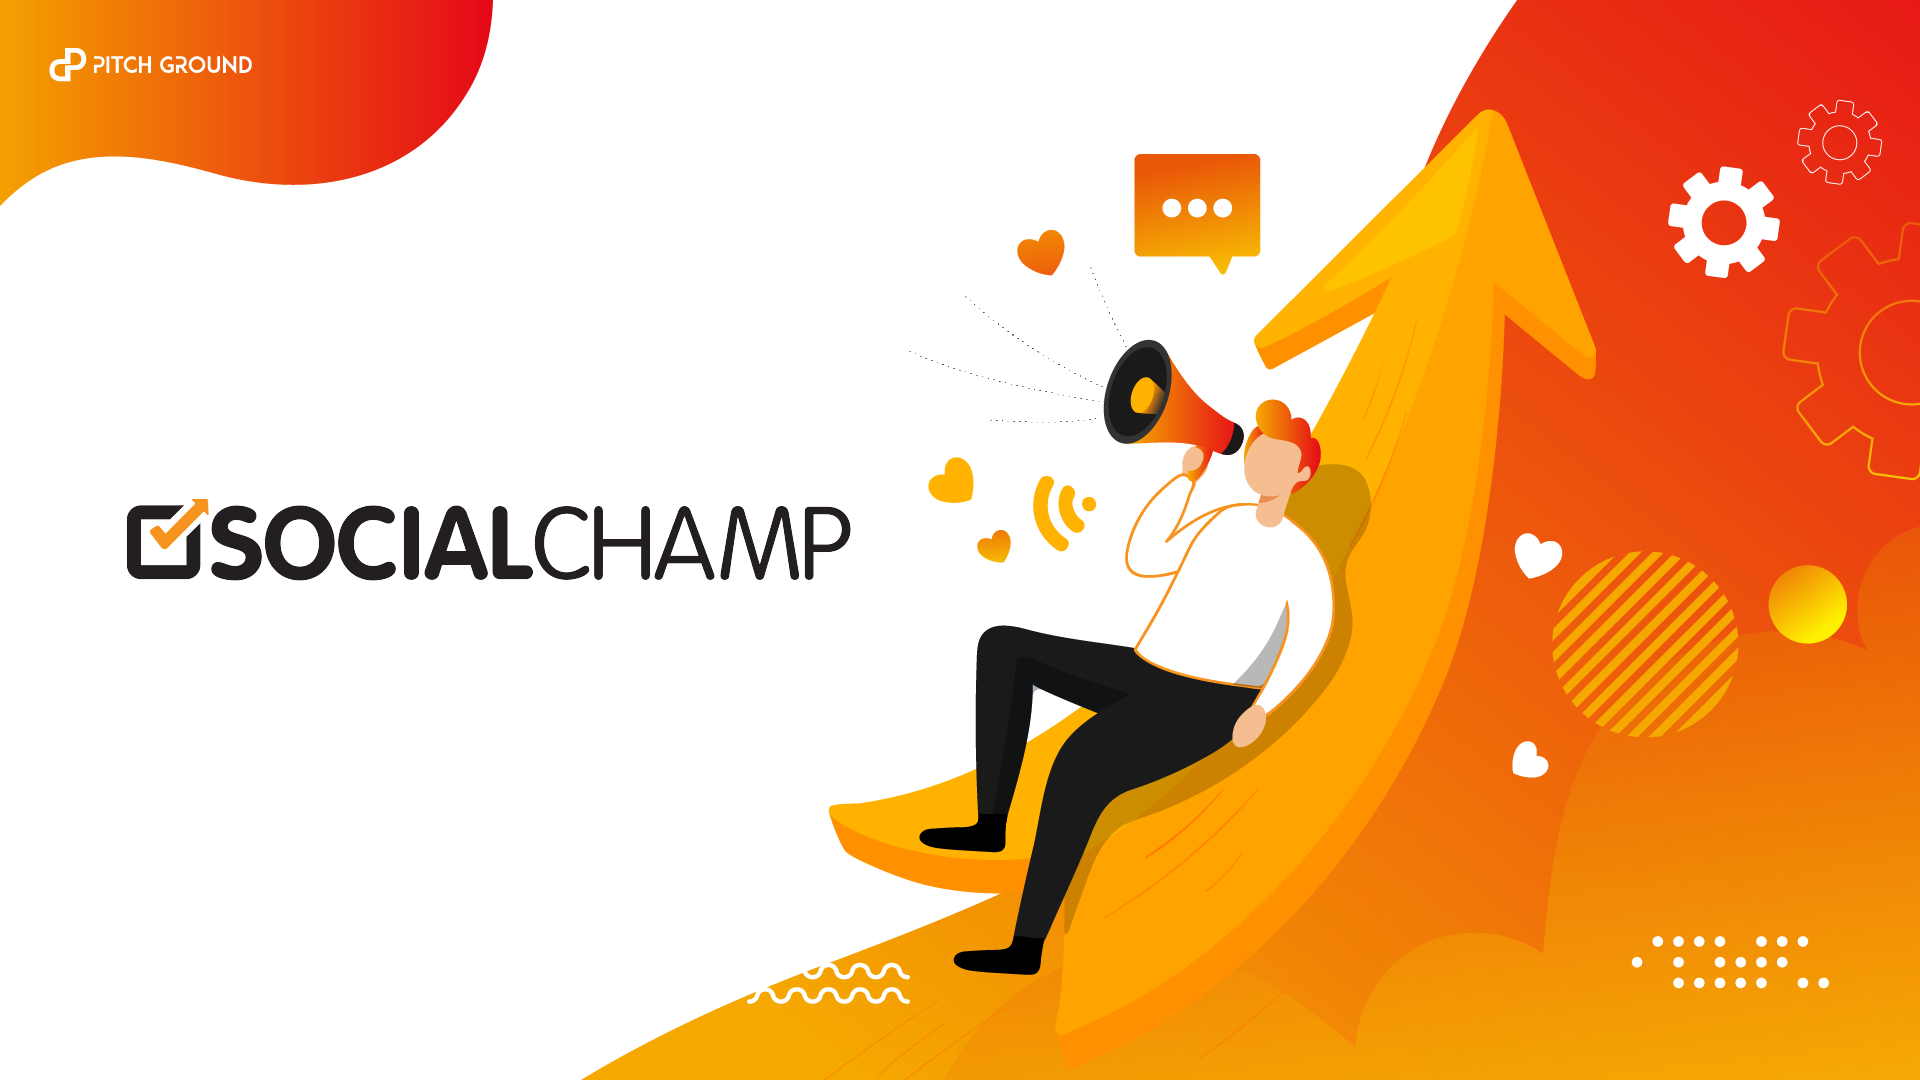 socialchamp-app